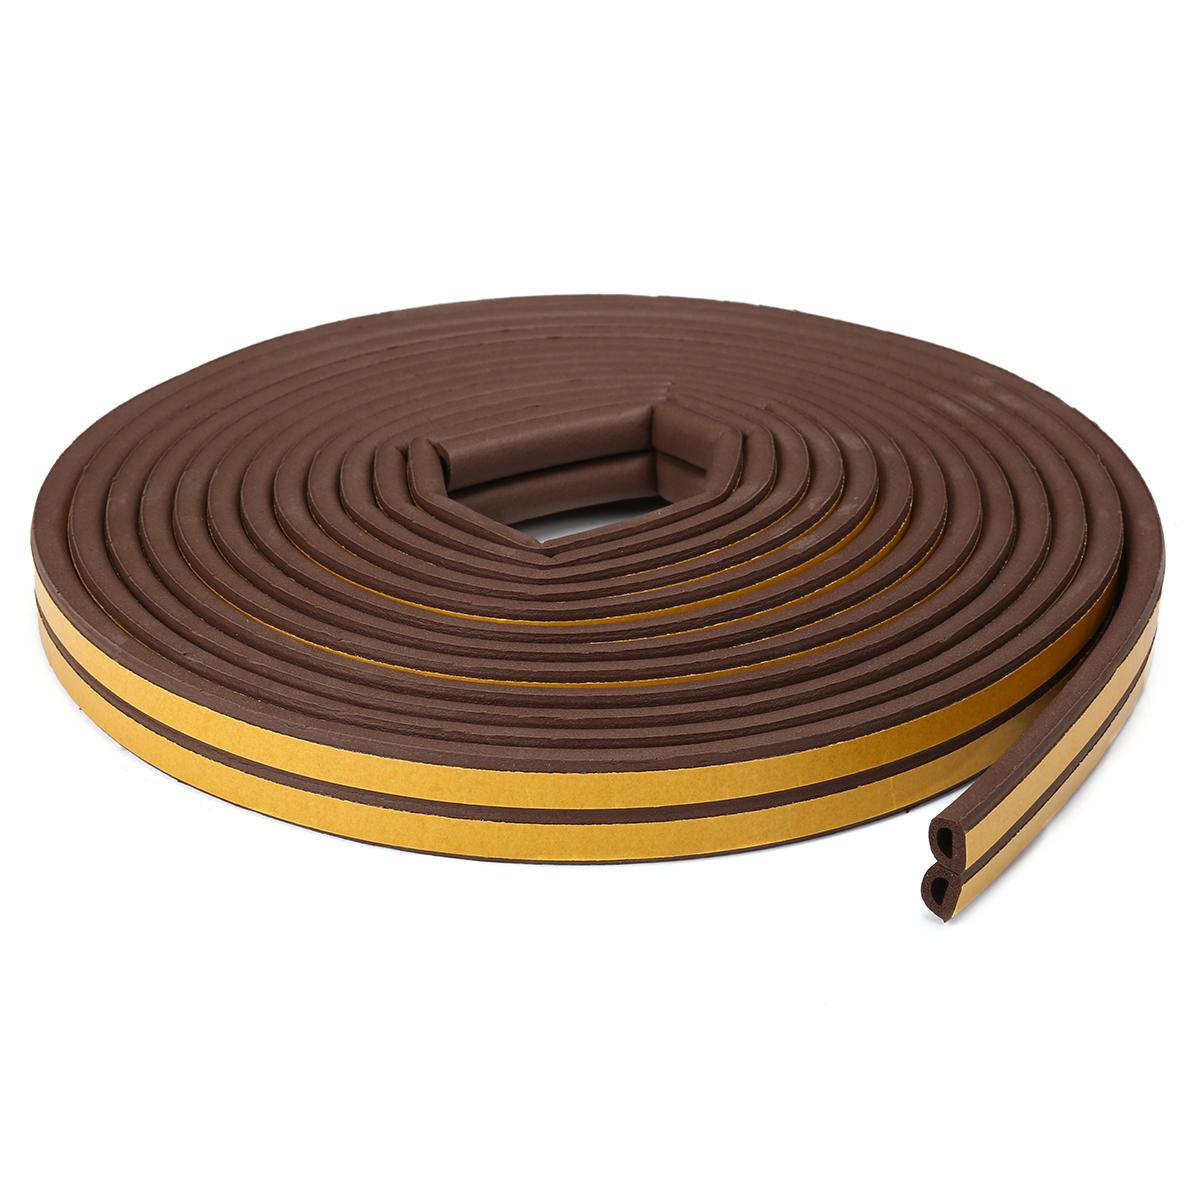 bande auto adh sive de bande de joint de mousse de caoutchouc de projet de porte de fen tre du. Black Bedroom Furniture Sets. Home Design Ideas